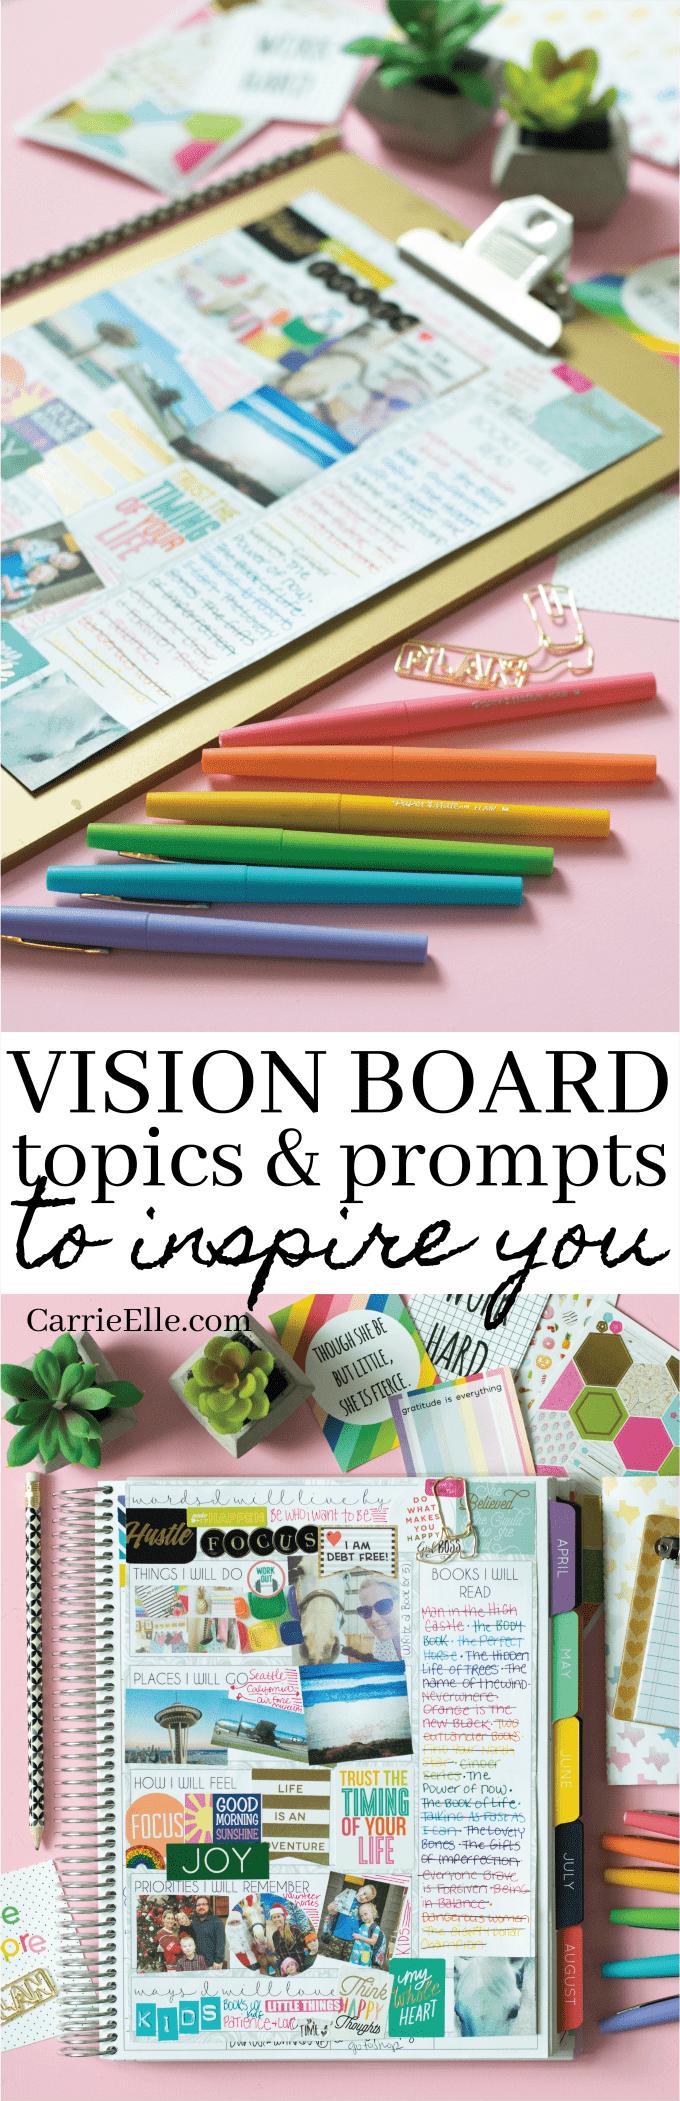 Vision Board Topics